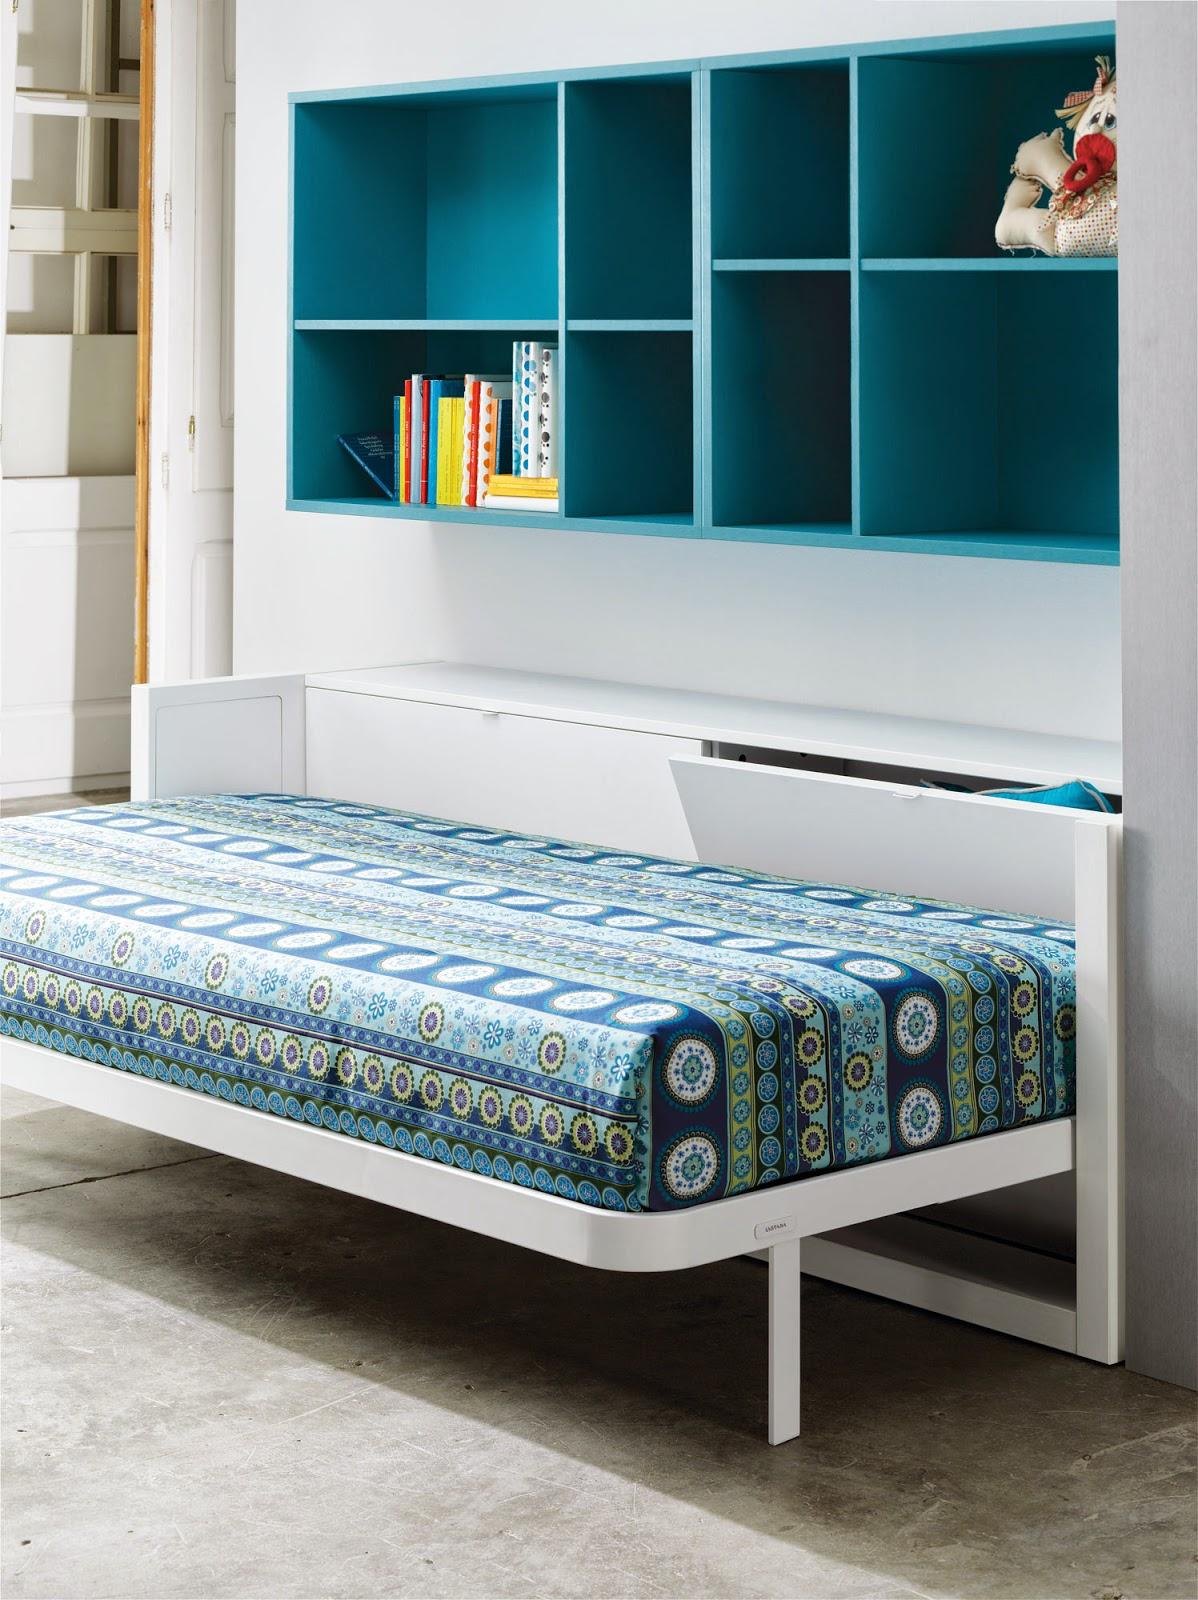 Muebles convertibles literas y camas abatibles - Camas muebles abatibles ...